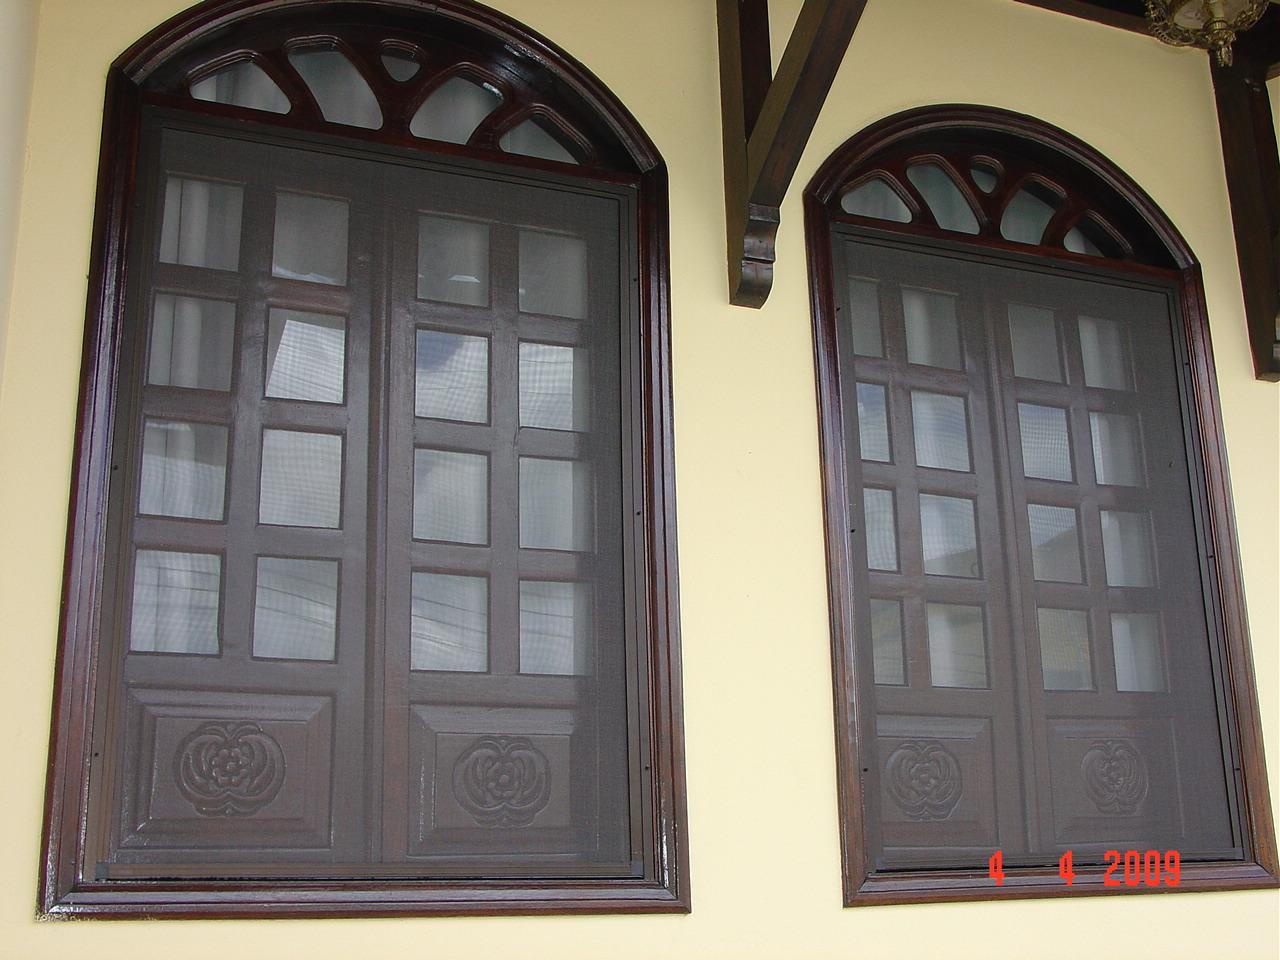 #9F882C sono belo telas e mosquiteiros: TELA PARA JANELA ENCAIXADA POR DENTRO 1462 Tela De Aluminio Para Janela Em Guarulhos